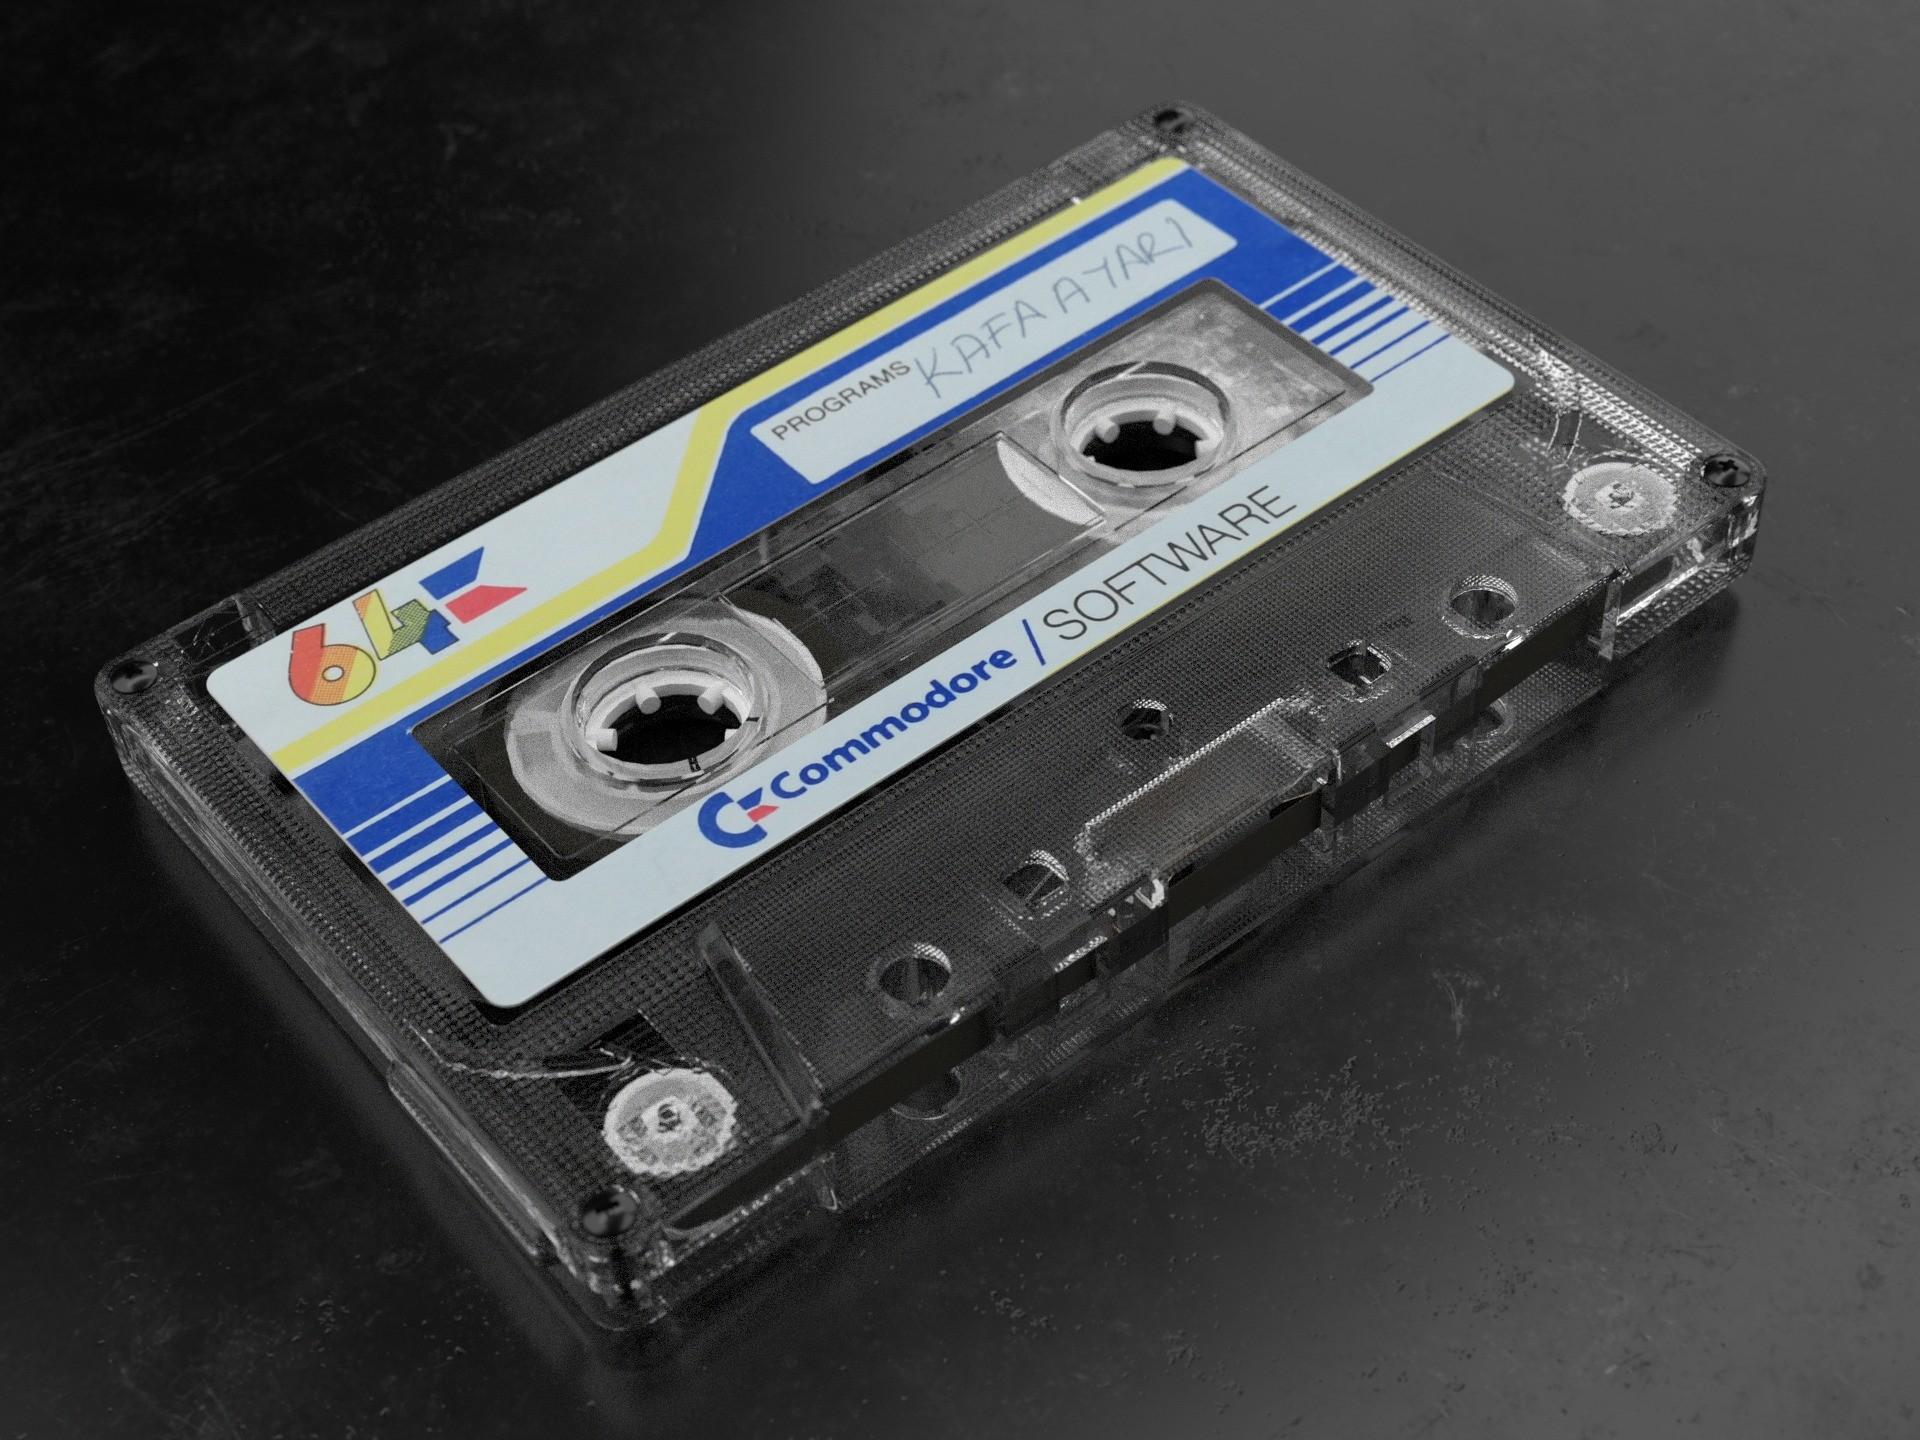 Cem tezcan cassette 00000